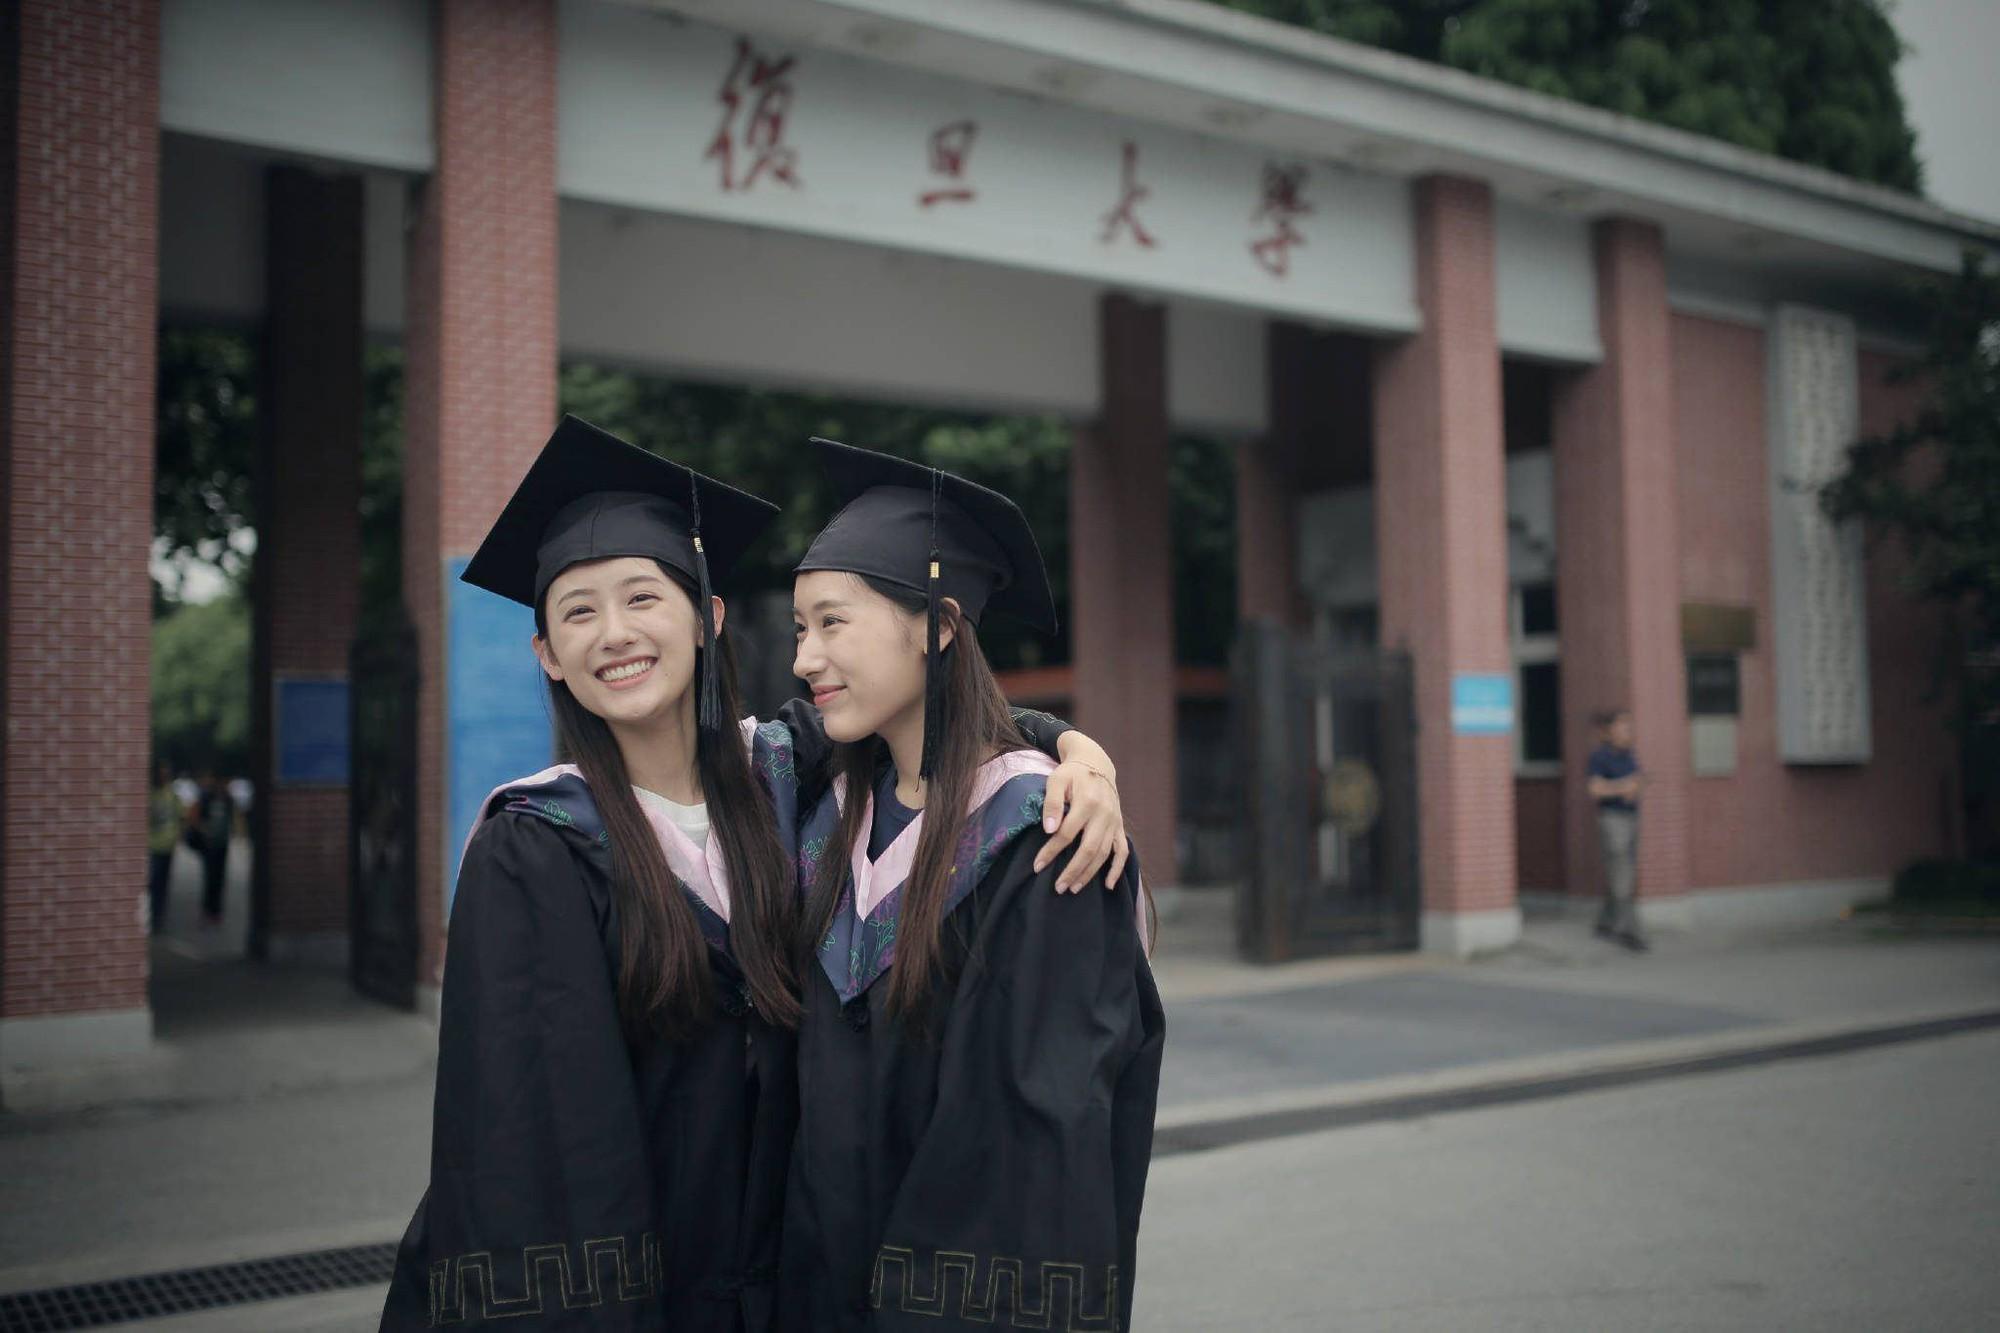 Xinh như hotgirl lại tốt nghiệp thạc sĩ Harvard chỉ trong 1 năm, cặp chị em sinh đôi này đang khiến hàng triệu người ngưỡng mộ - Ảnh 6.